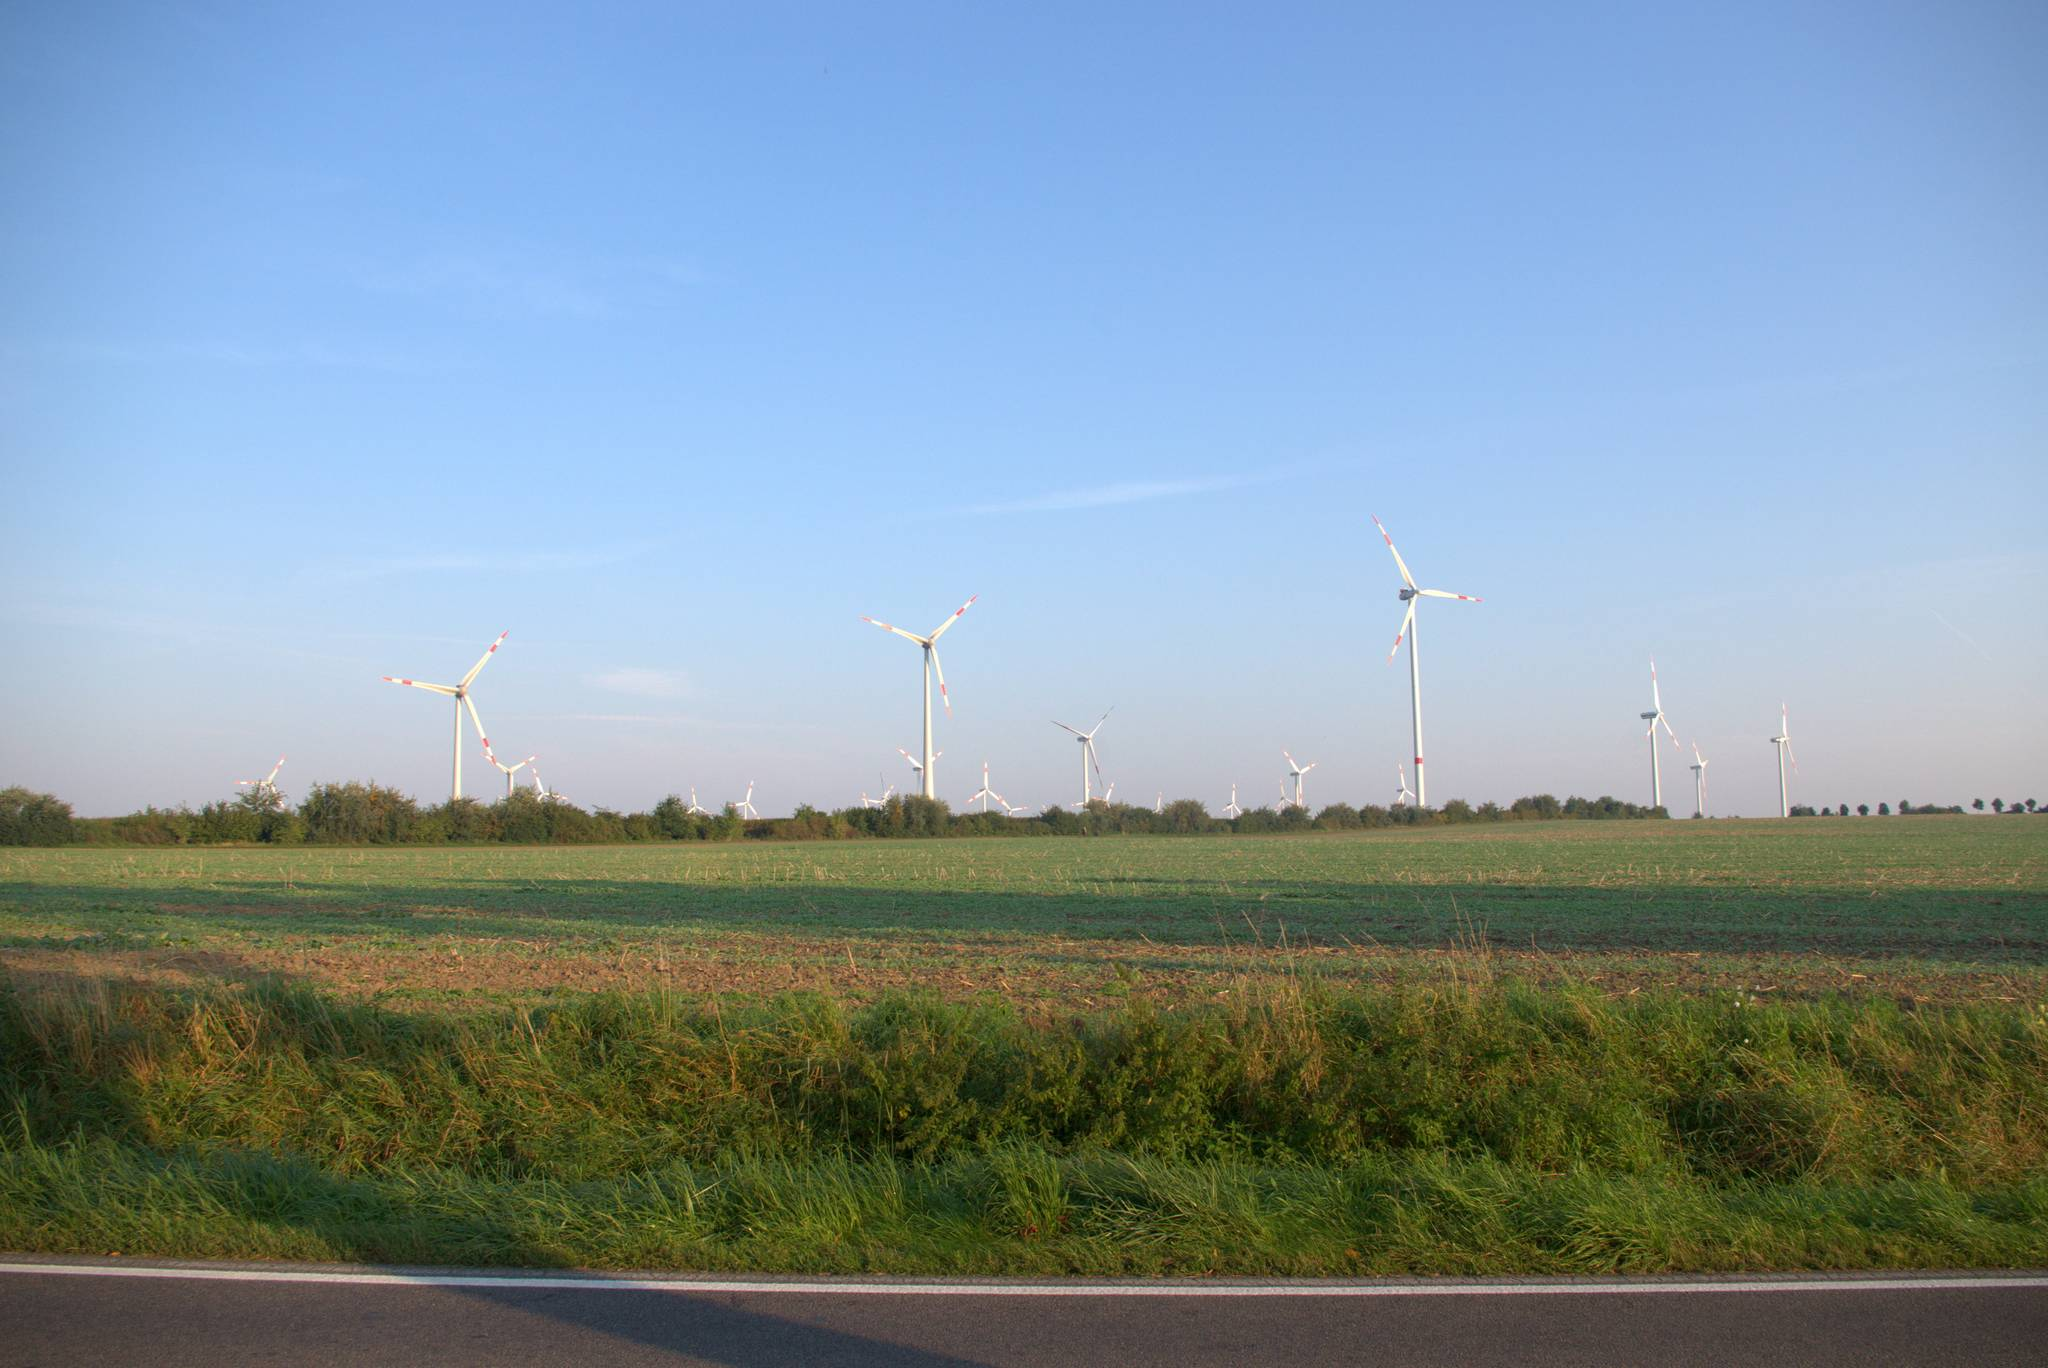 Niemcy nastukali tych wiatraków. Zawsze mi się to przypomina http://xkcd.com/556/